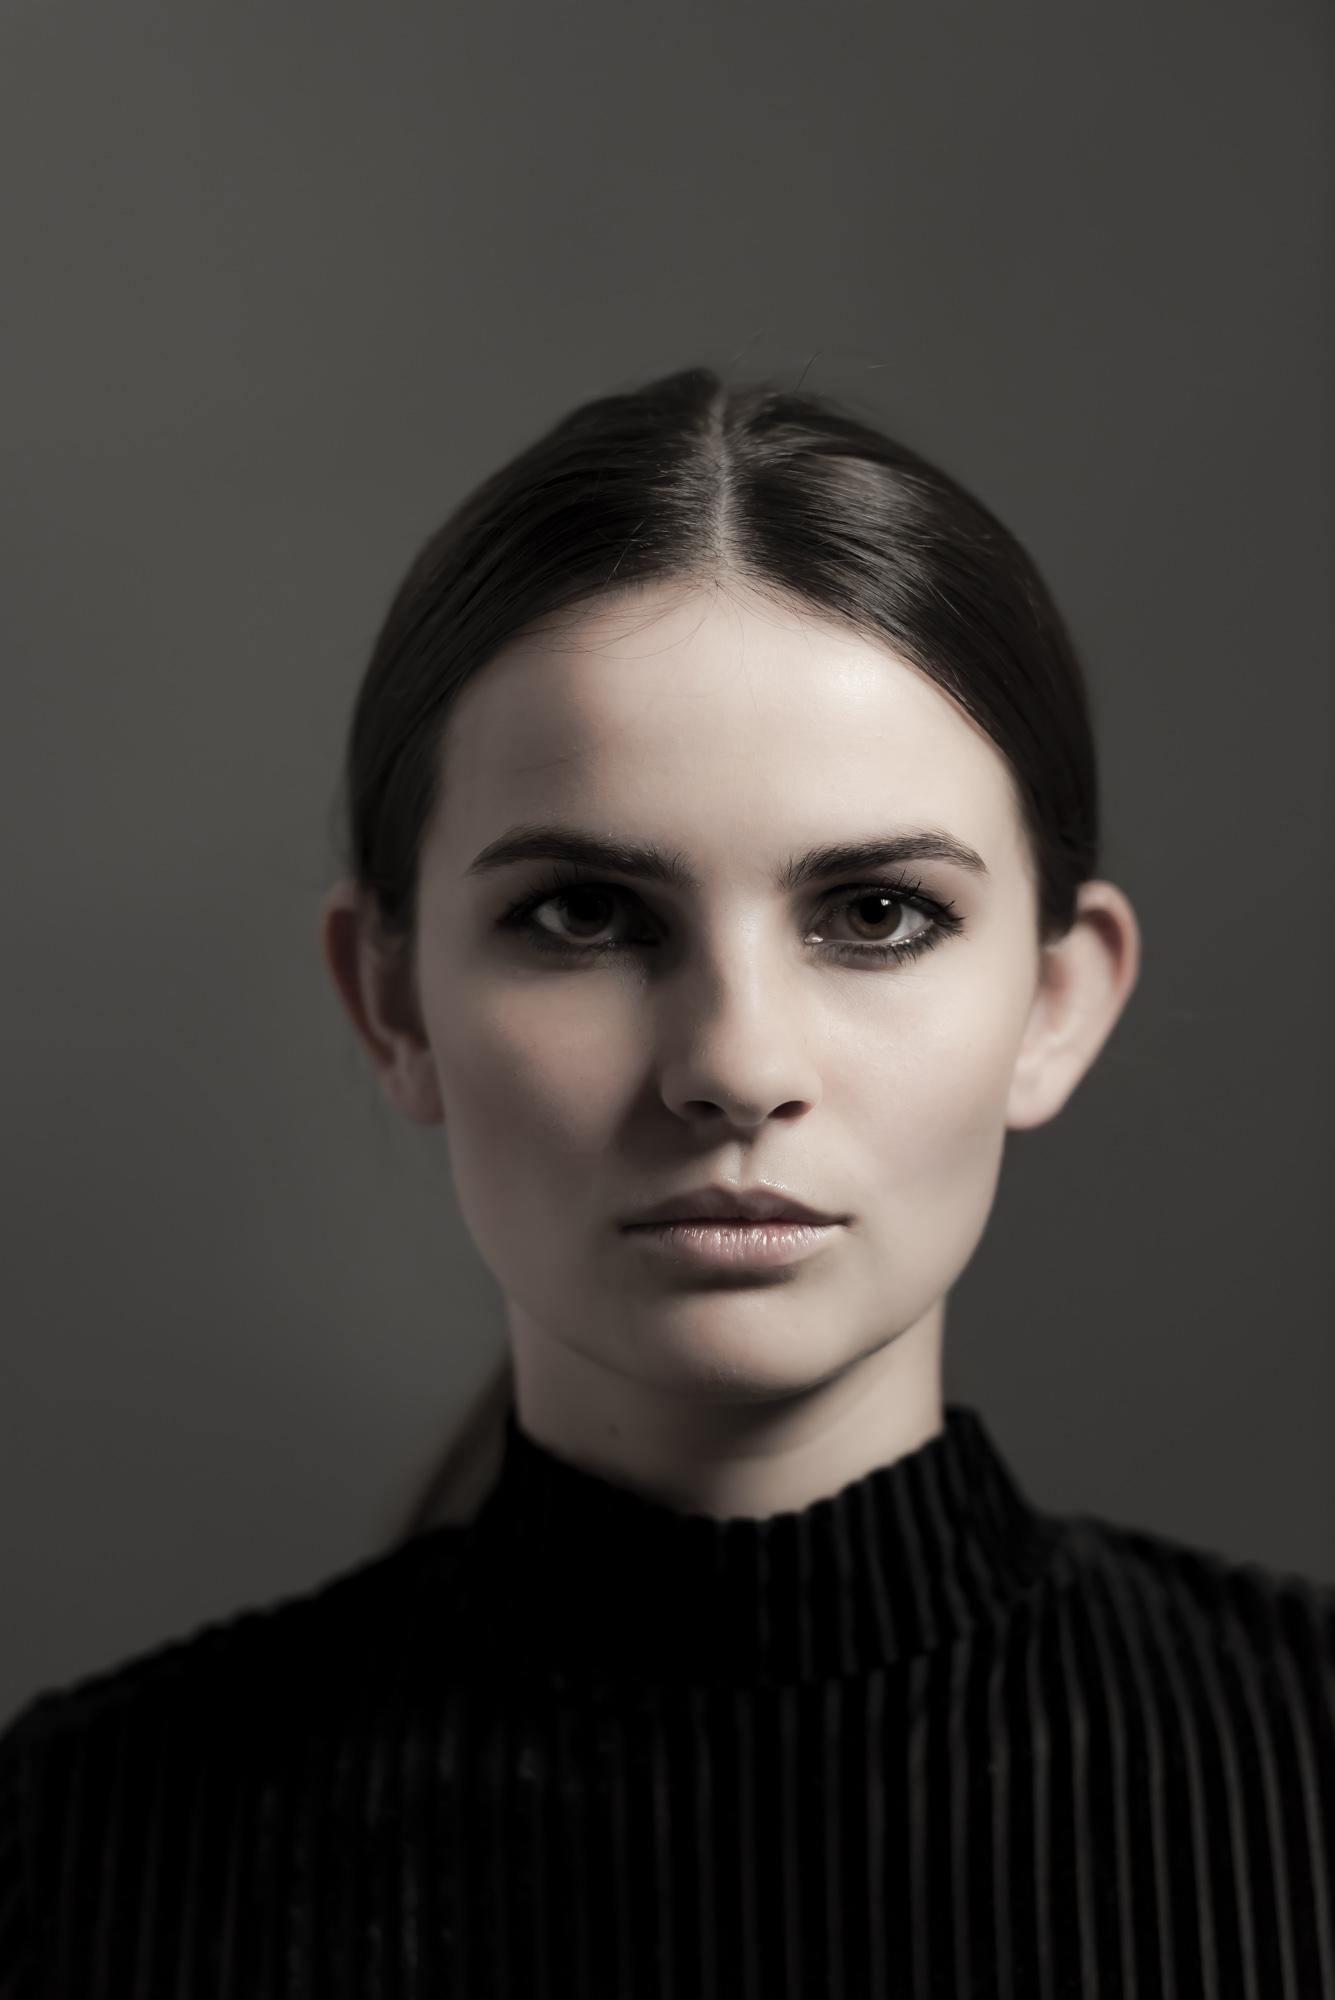 Modelphoto by_The Brand Agency_Carsten Herholdt_2019_LQ-6534.jpg